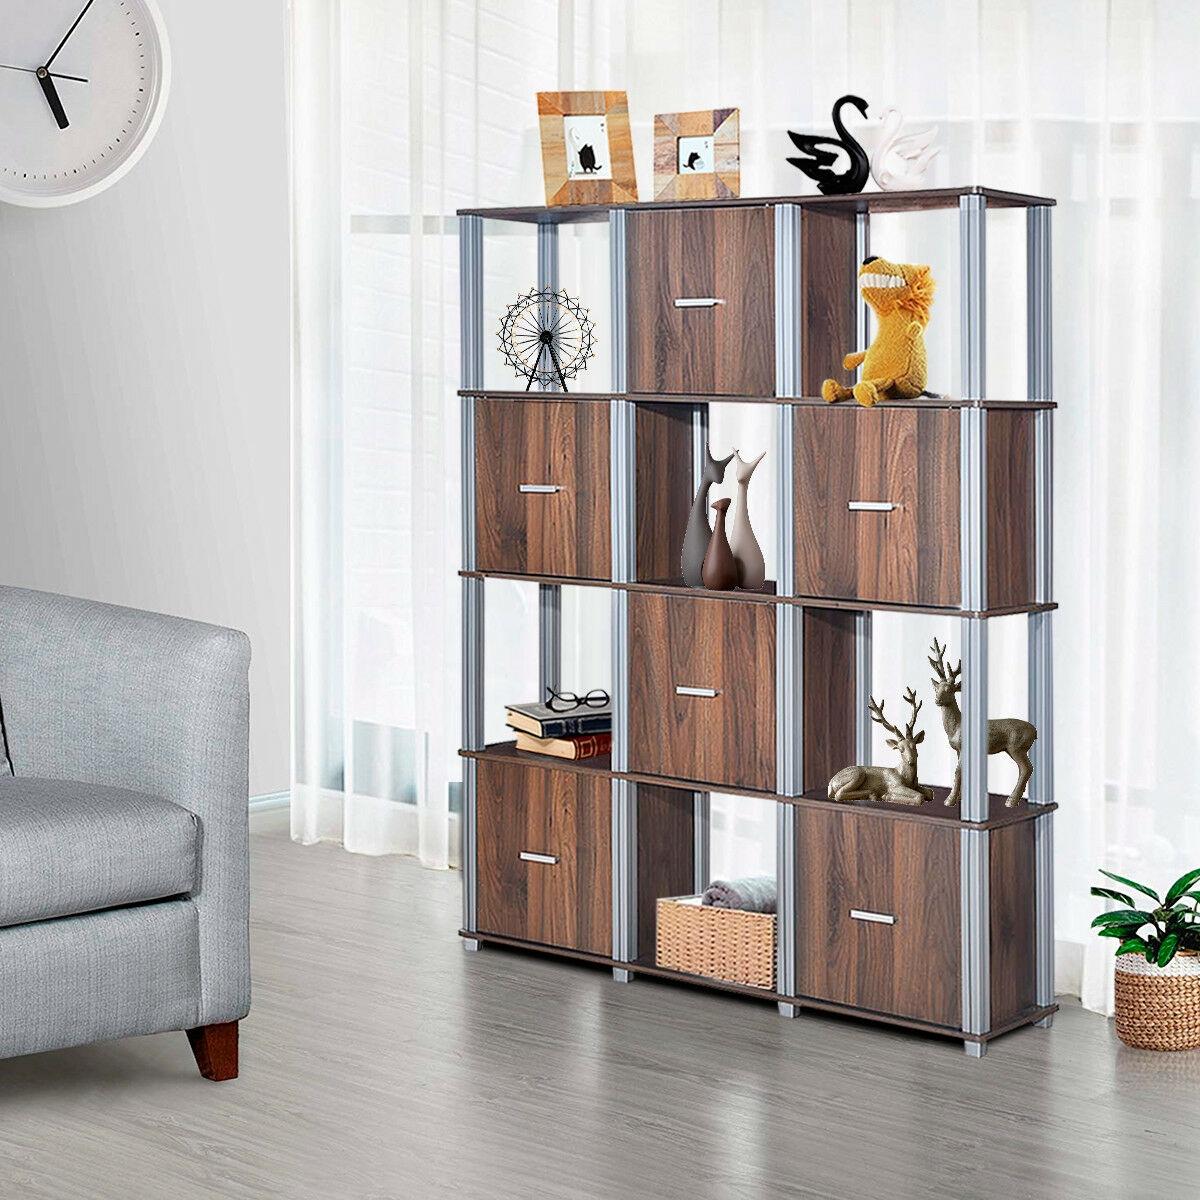 4-Tier Storage Shelf 1 Display Bookcase with 6 Doors